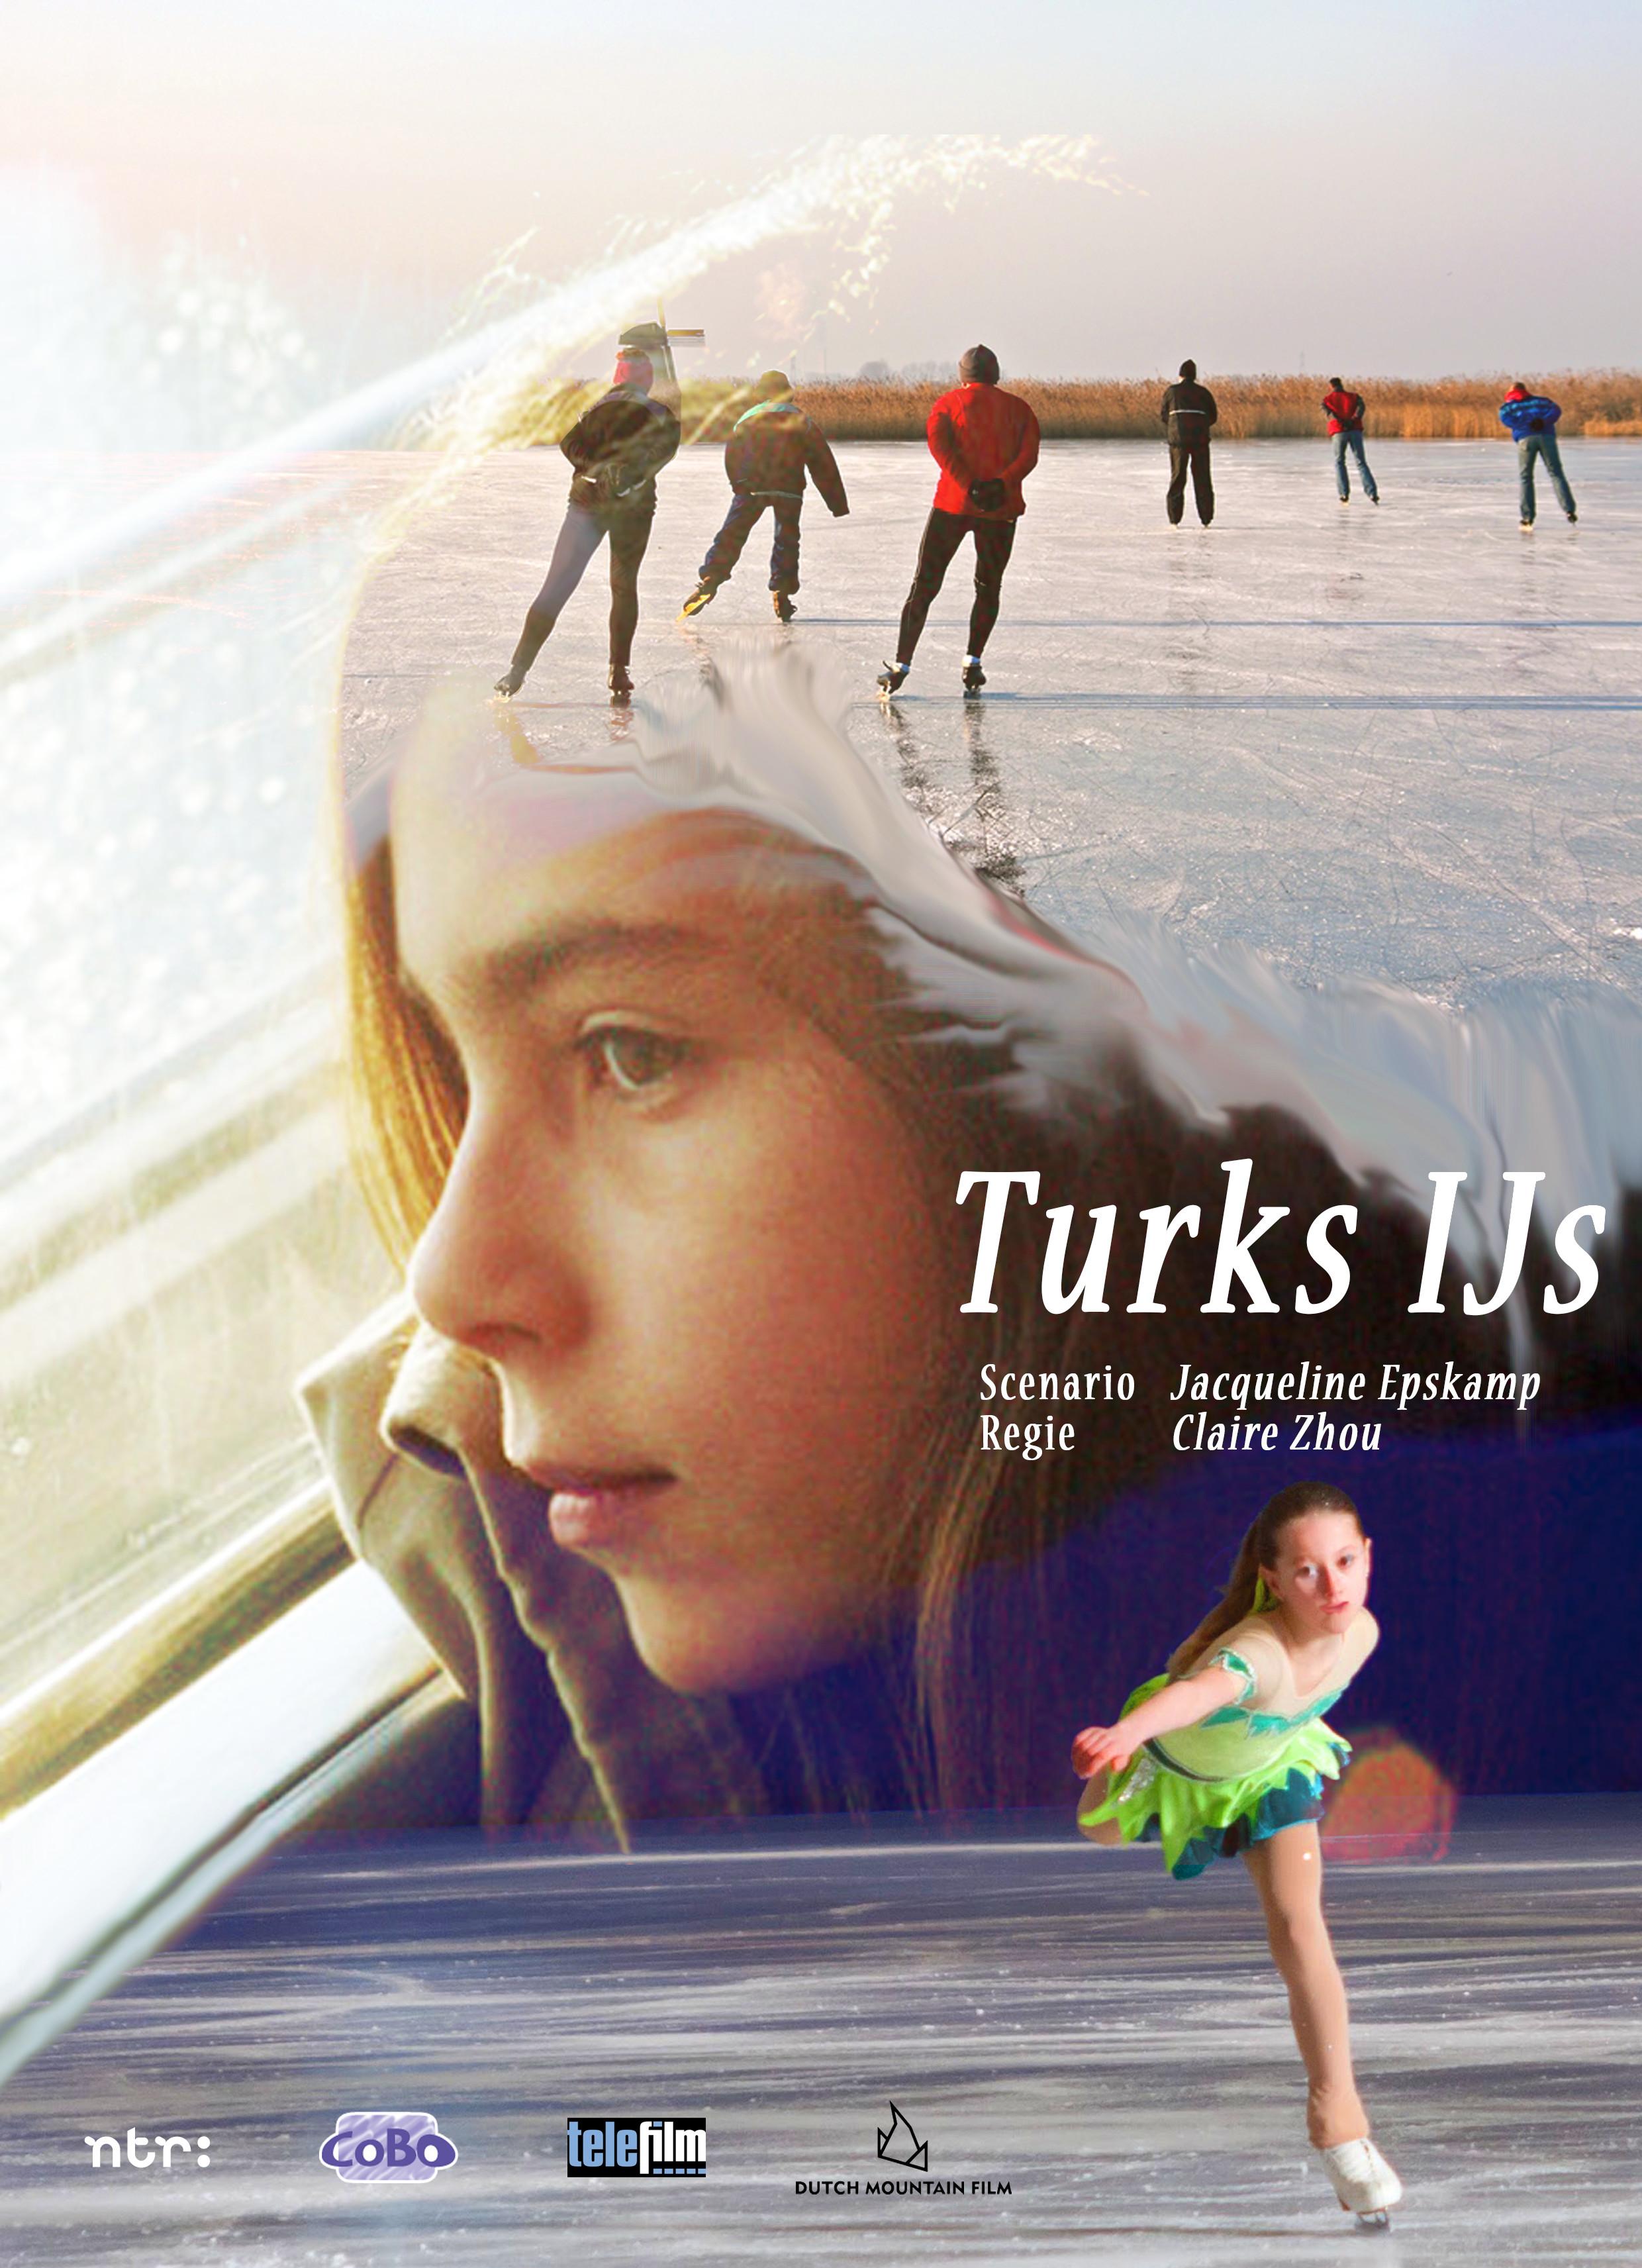 Turks IJs Poster